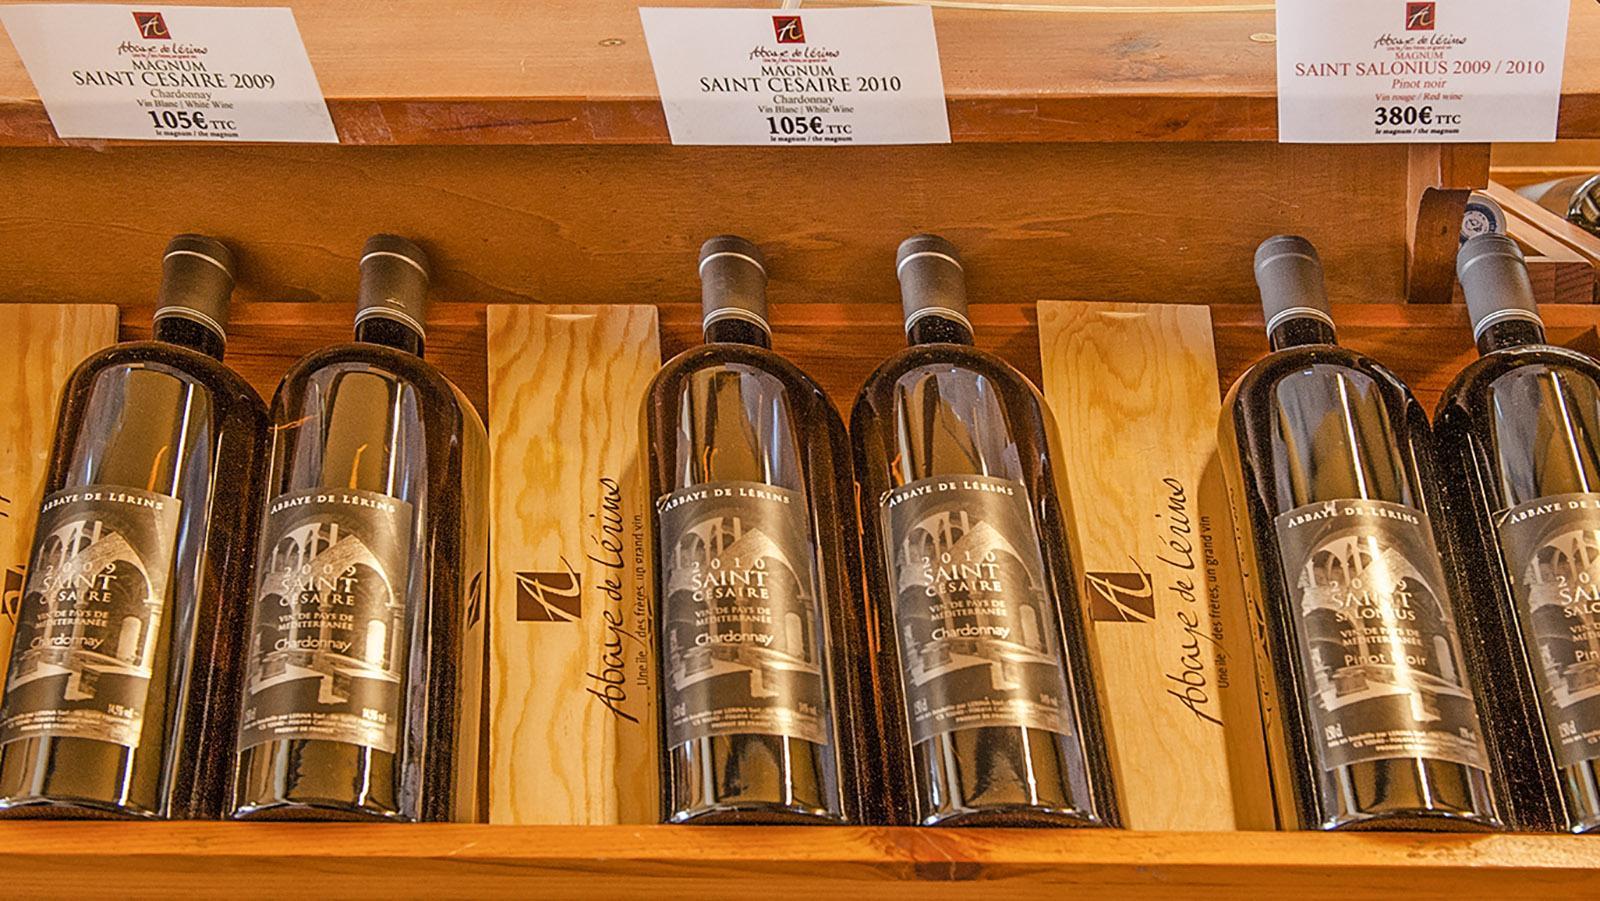 Die Weine der Zisterzienser von Saint-Honorat haben ihren Preis. Foto: Hilke Maunder